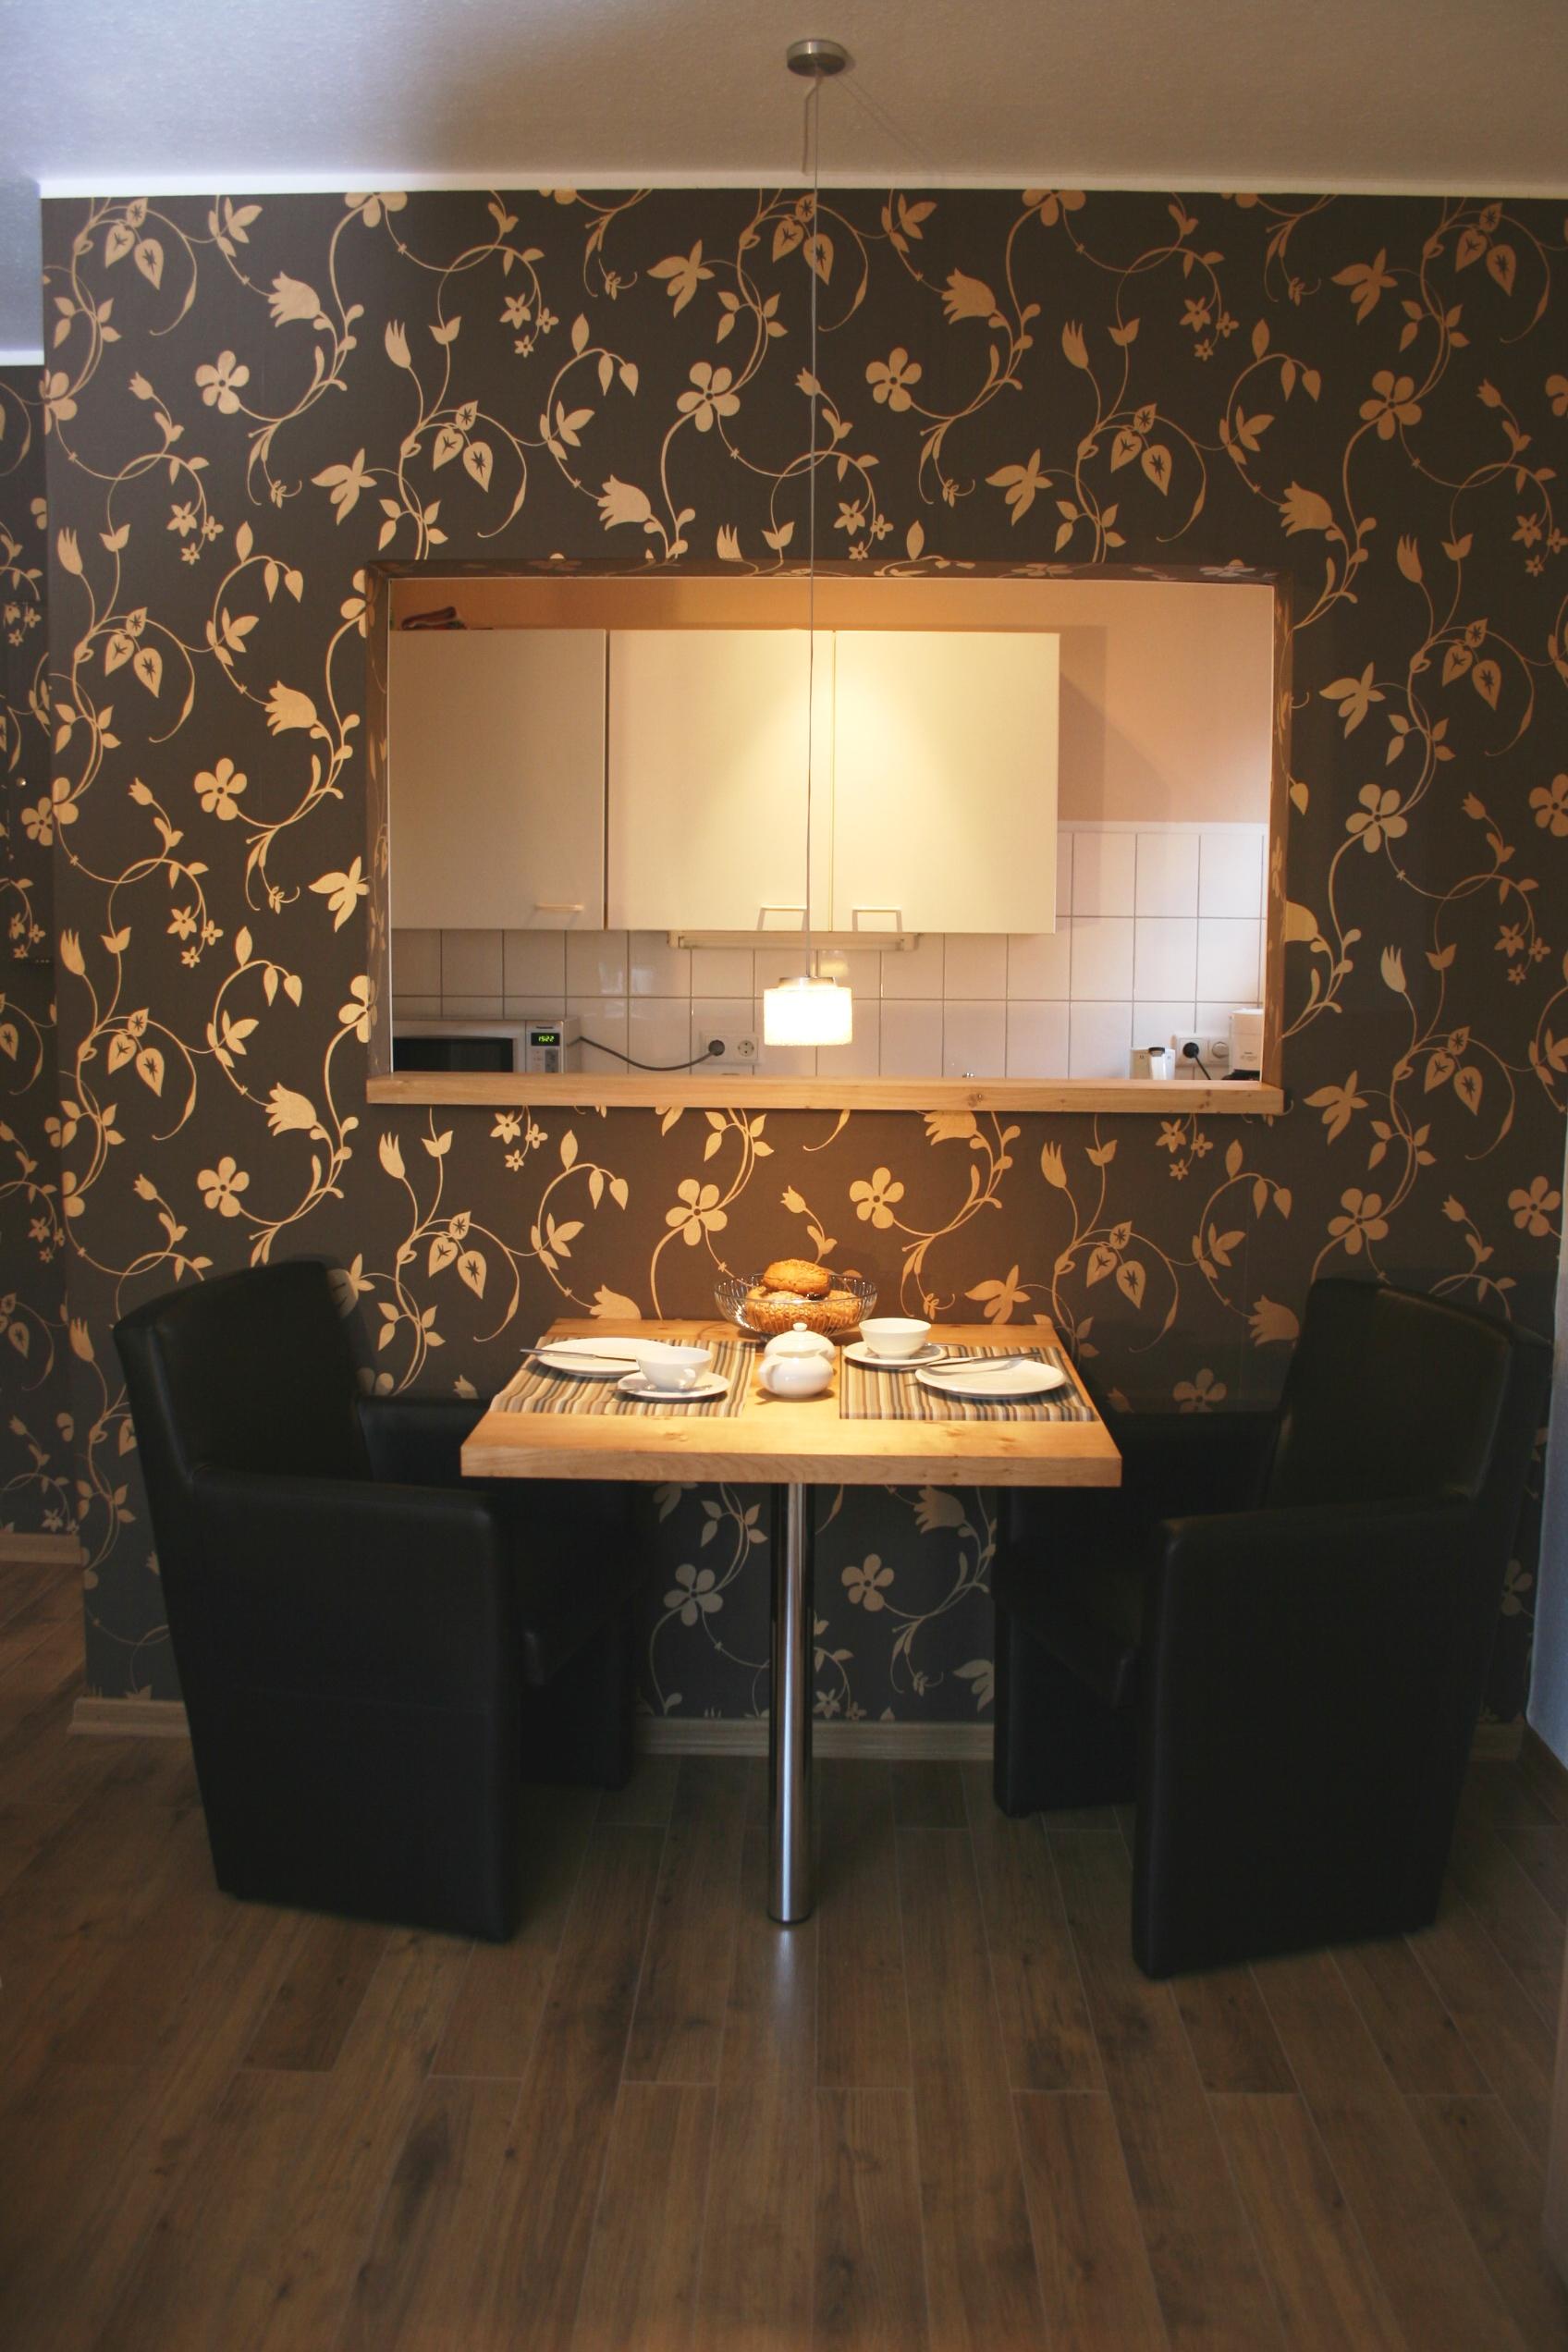 aasee-studio, (münster). appartement, 27 qm, 1-2 personen,, Badezimmer ideen